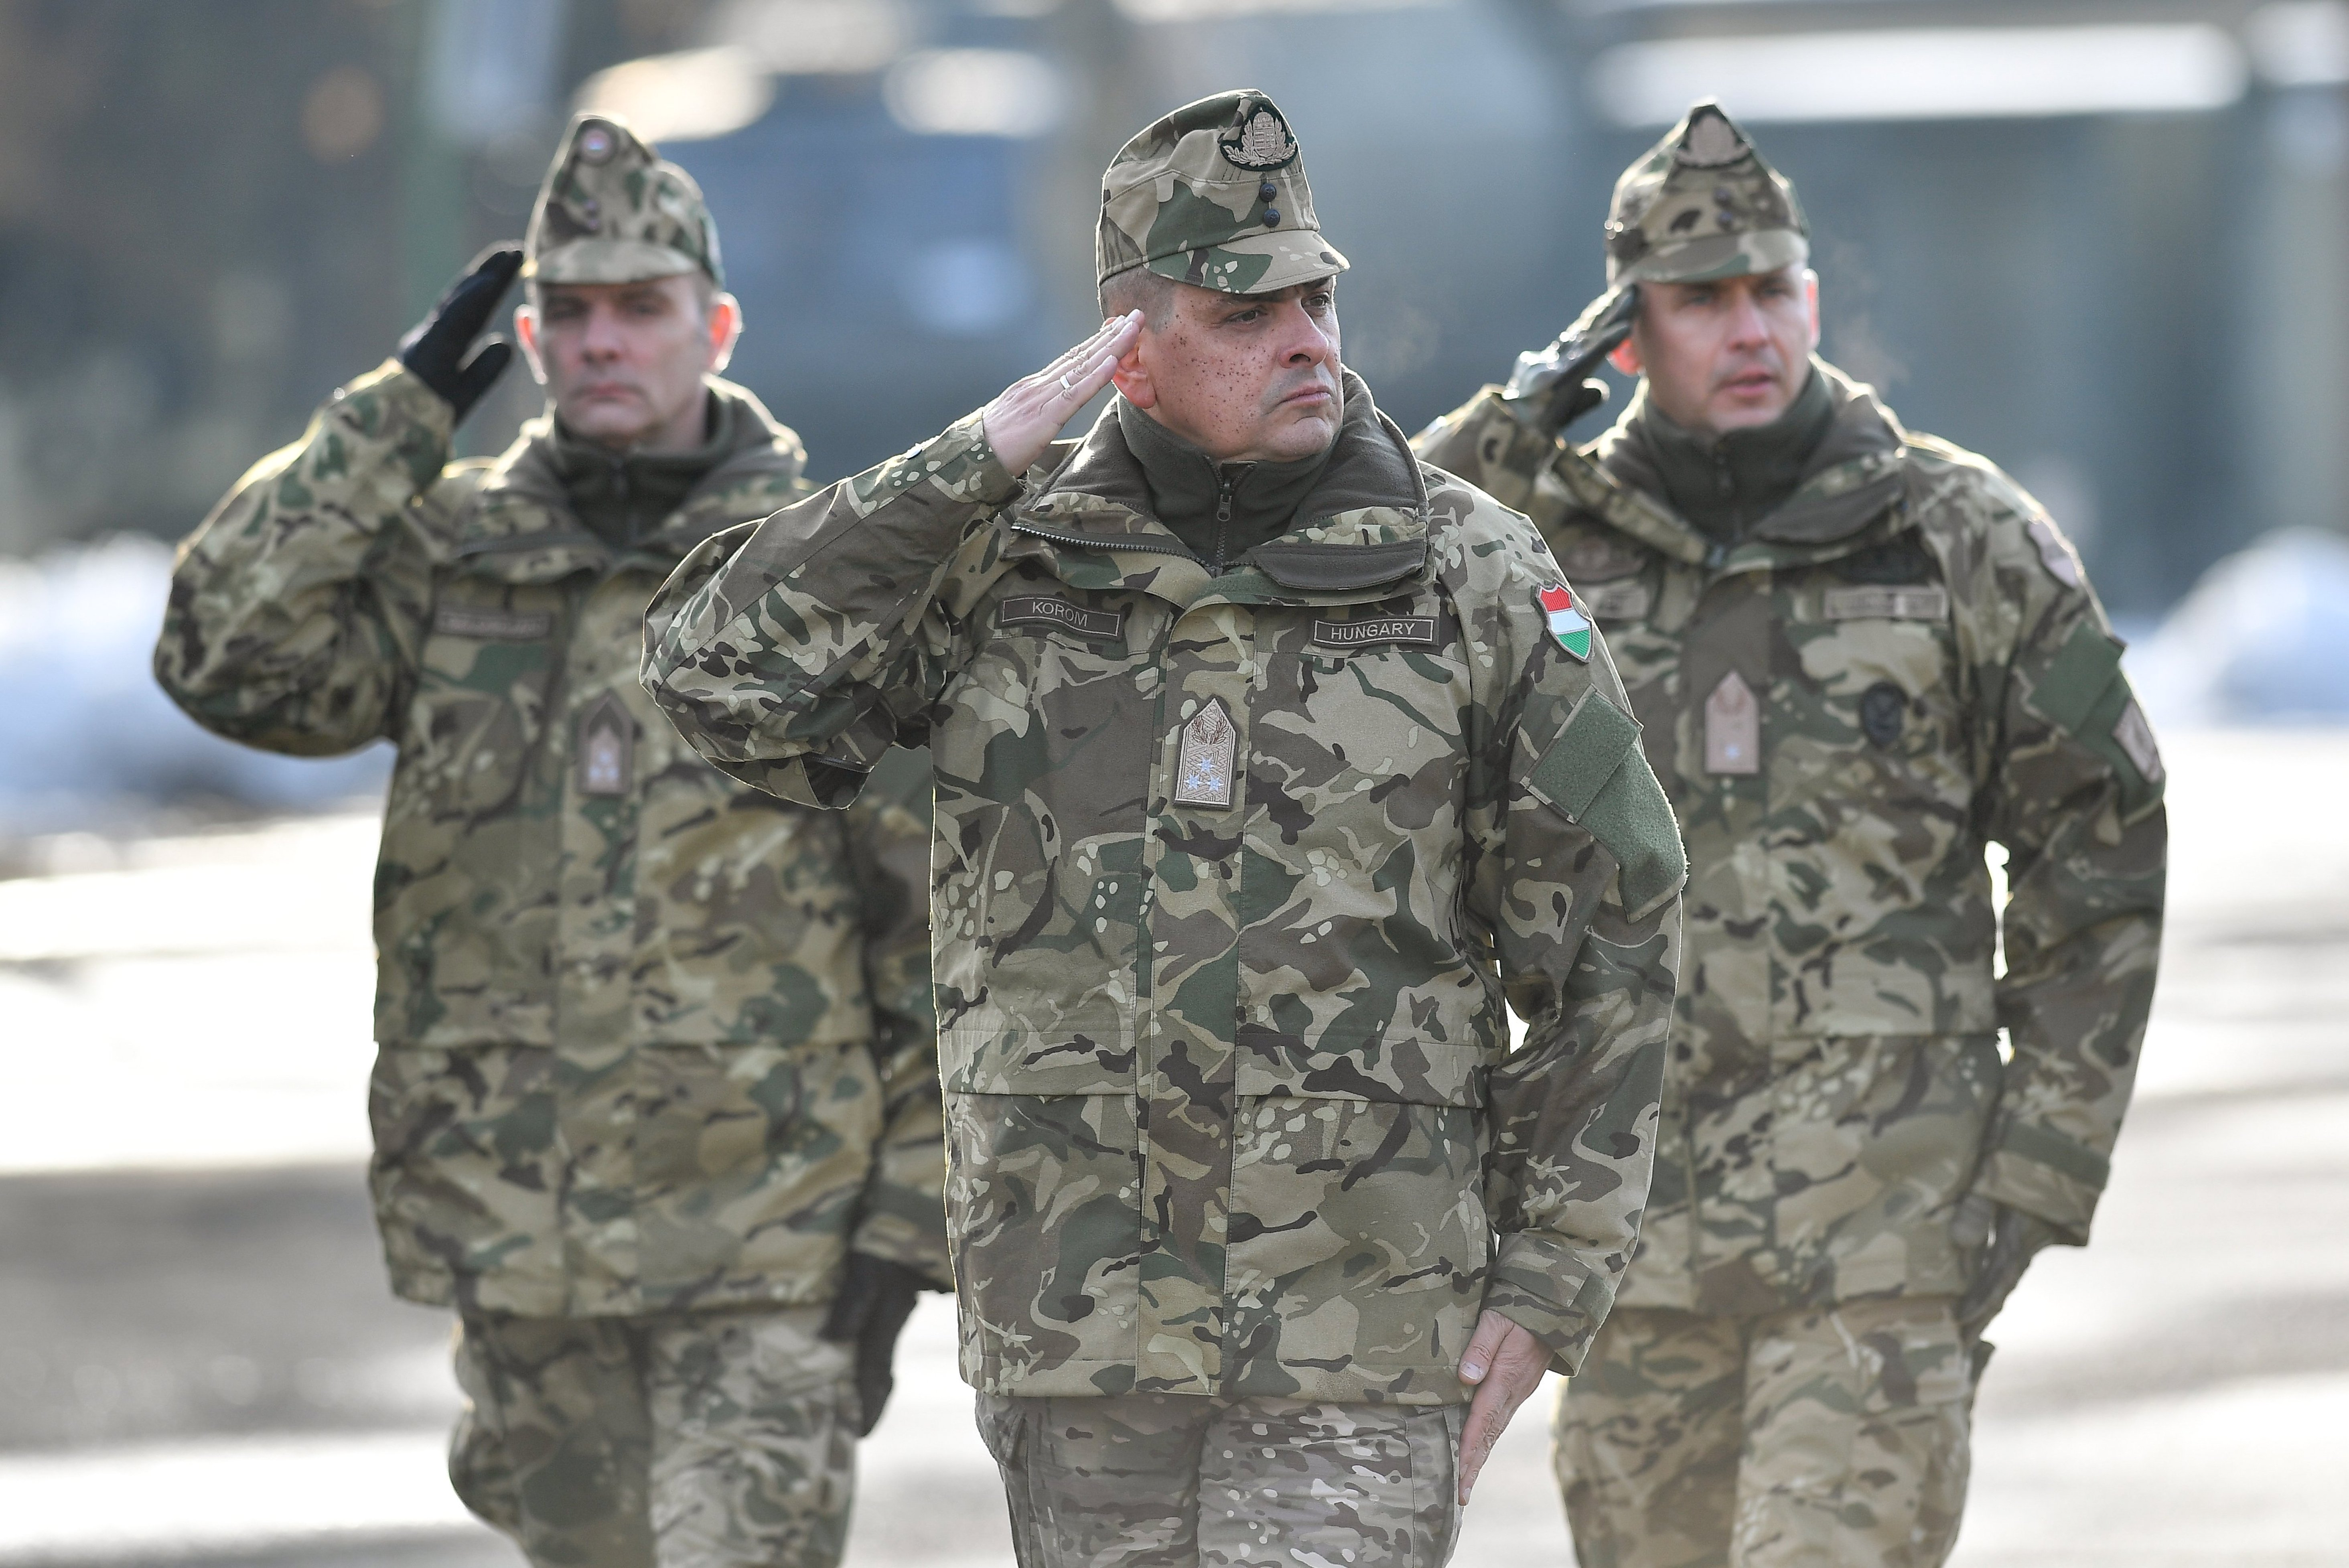 Szokatlan körülmények között távozott a magyar hadsereg parancsnoka